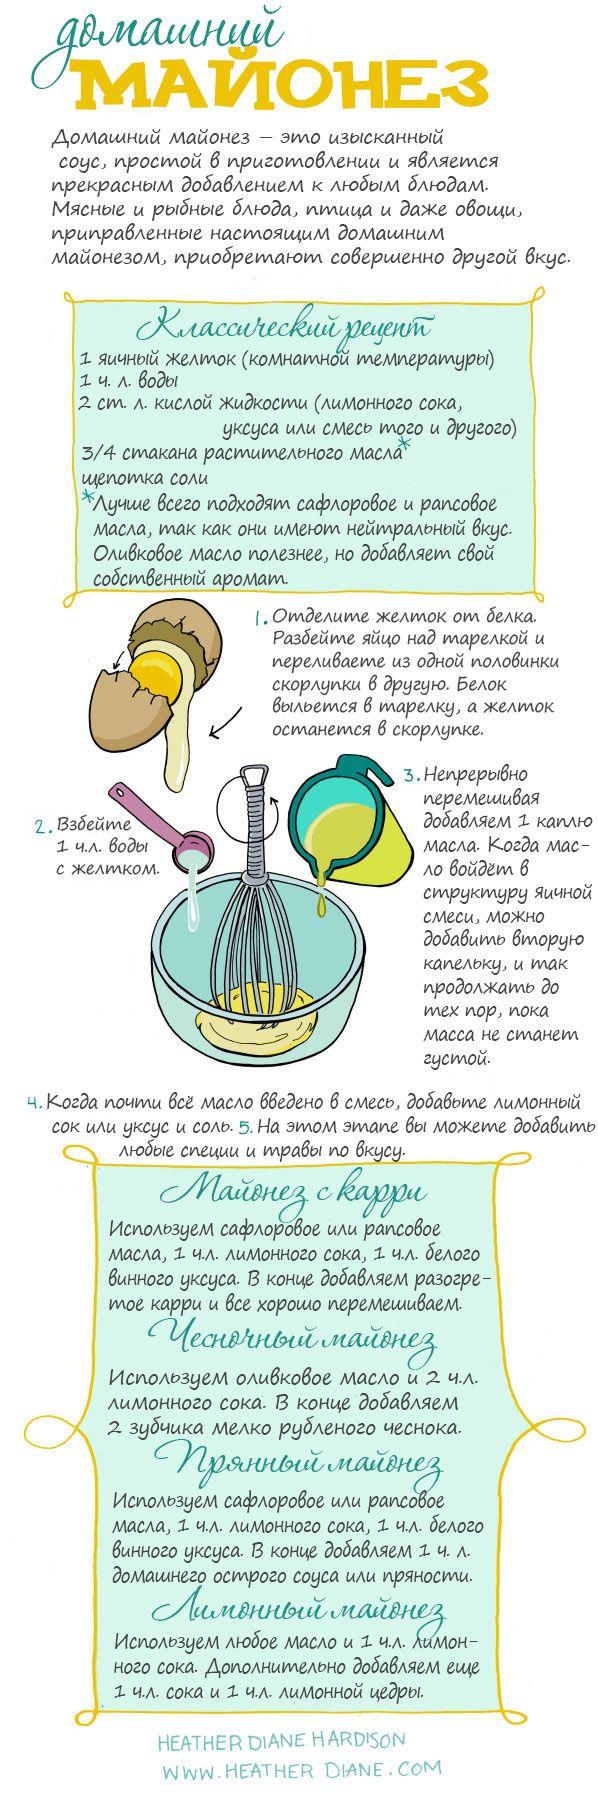 Помните, что приготовленный вами домашний майонез может храниться всего несколько дней в холодильнике. И не забывайте, что майонез — исключи...